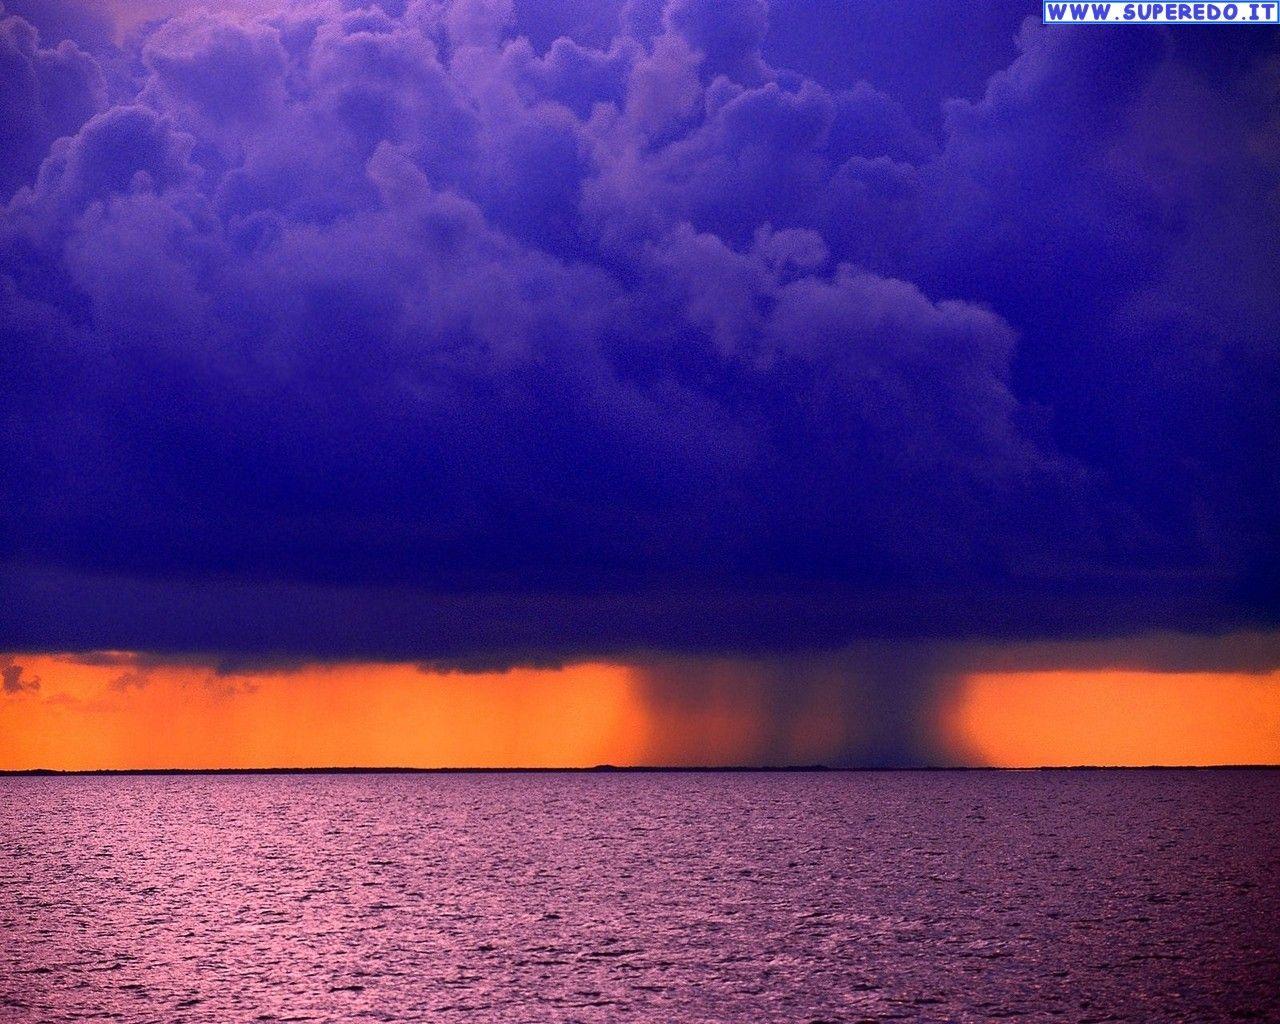 Immagini spettacolari della natura immagini forza della for Immagini spettacolari per desktop